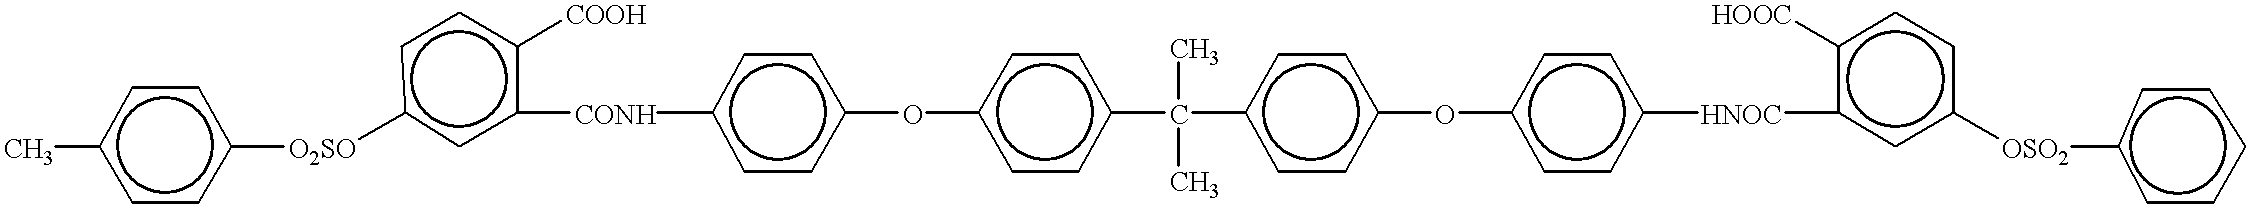 Figure US06180560-20010130-C00455